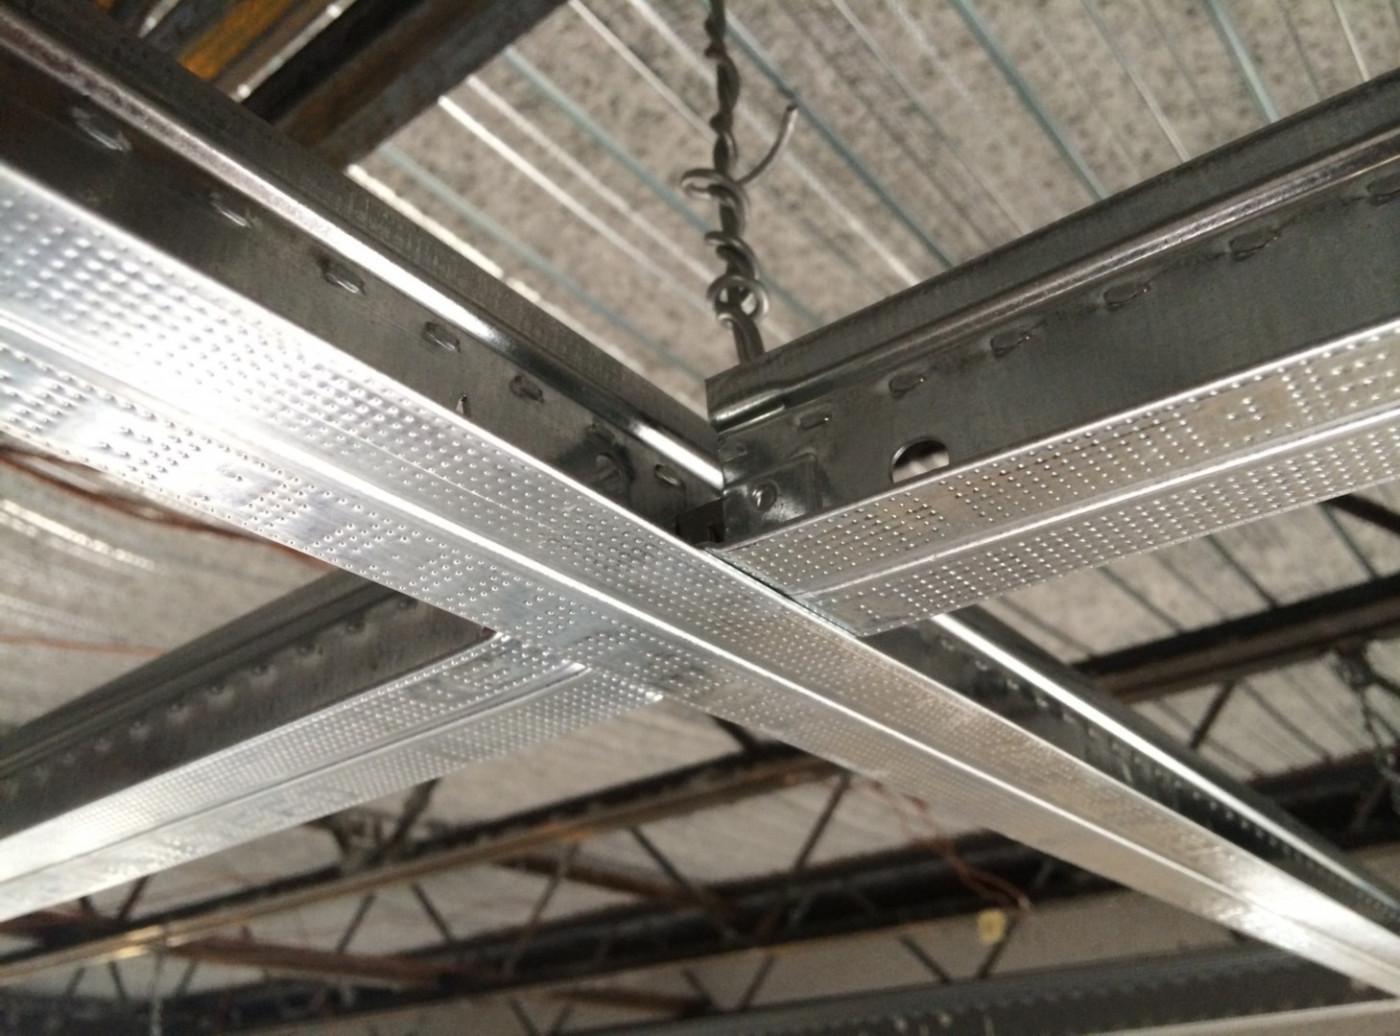 CertainTeed Drywall Grid - Kuiken Brothers